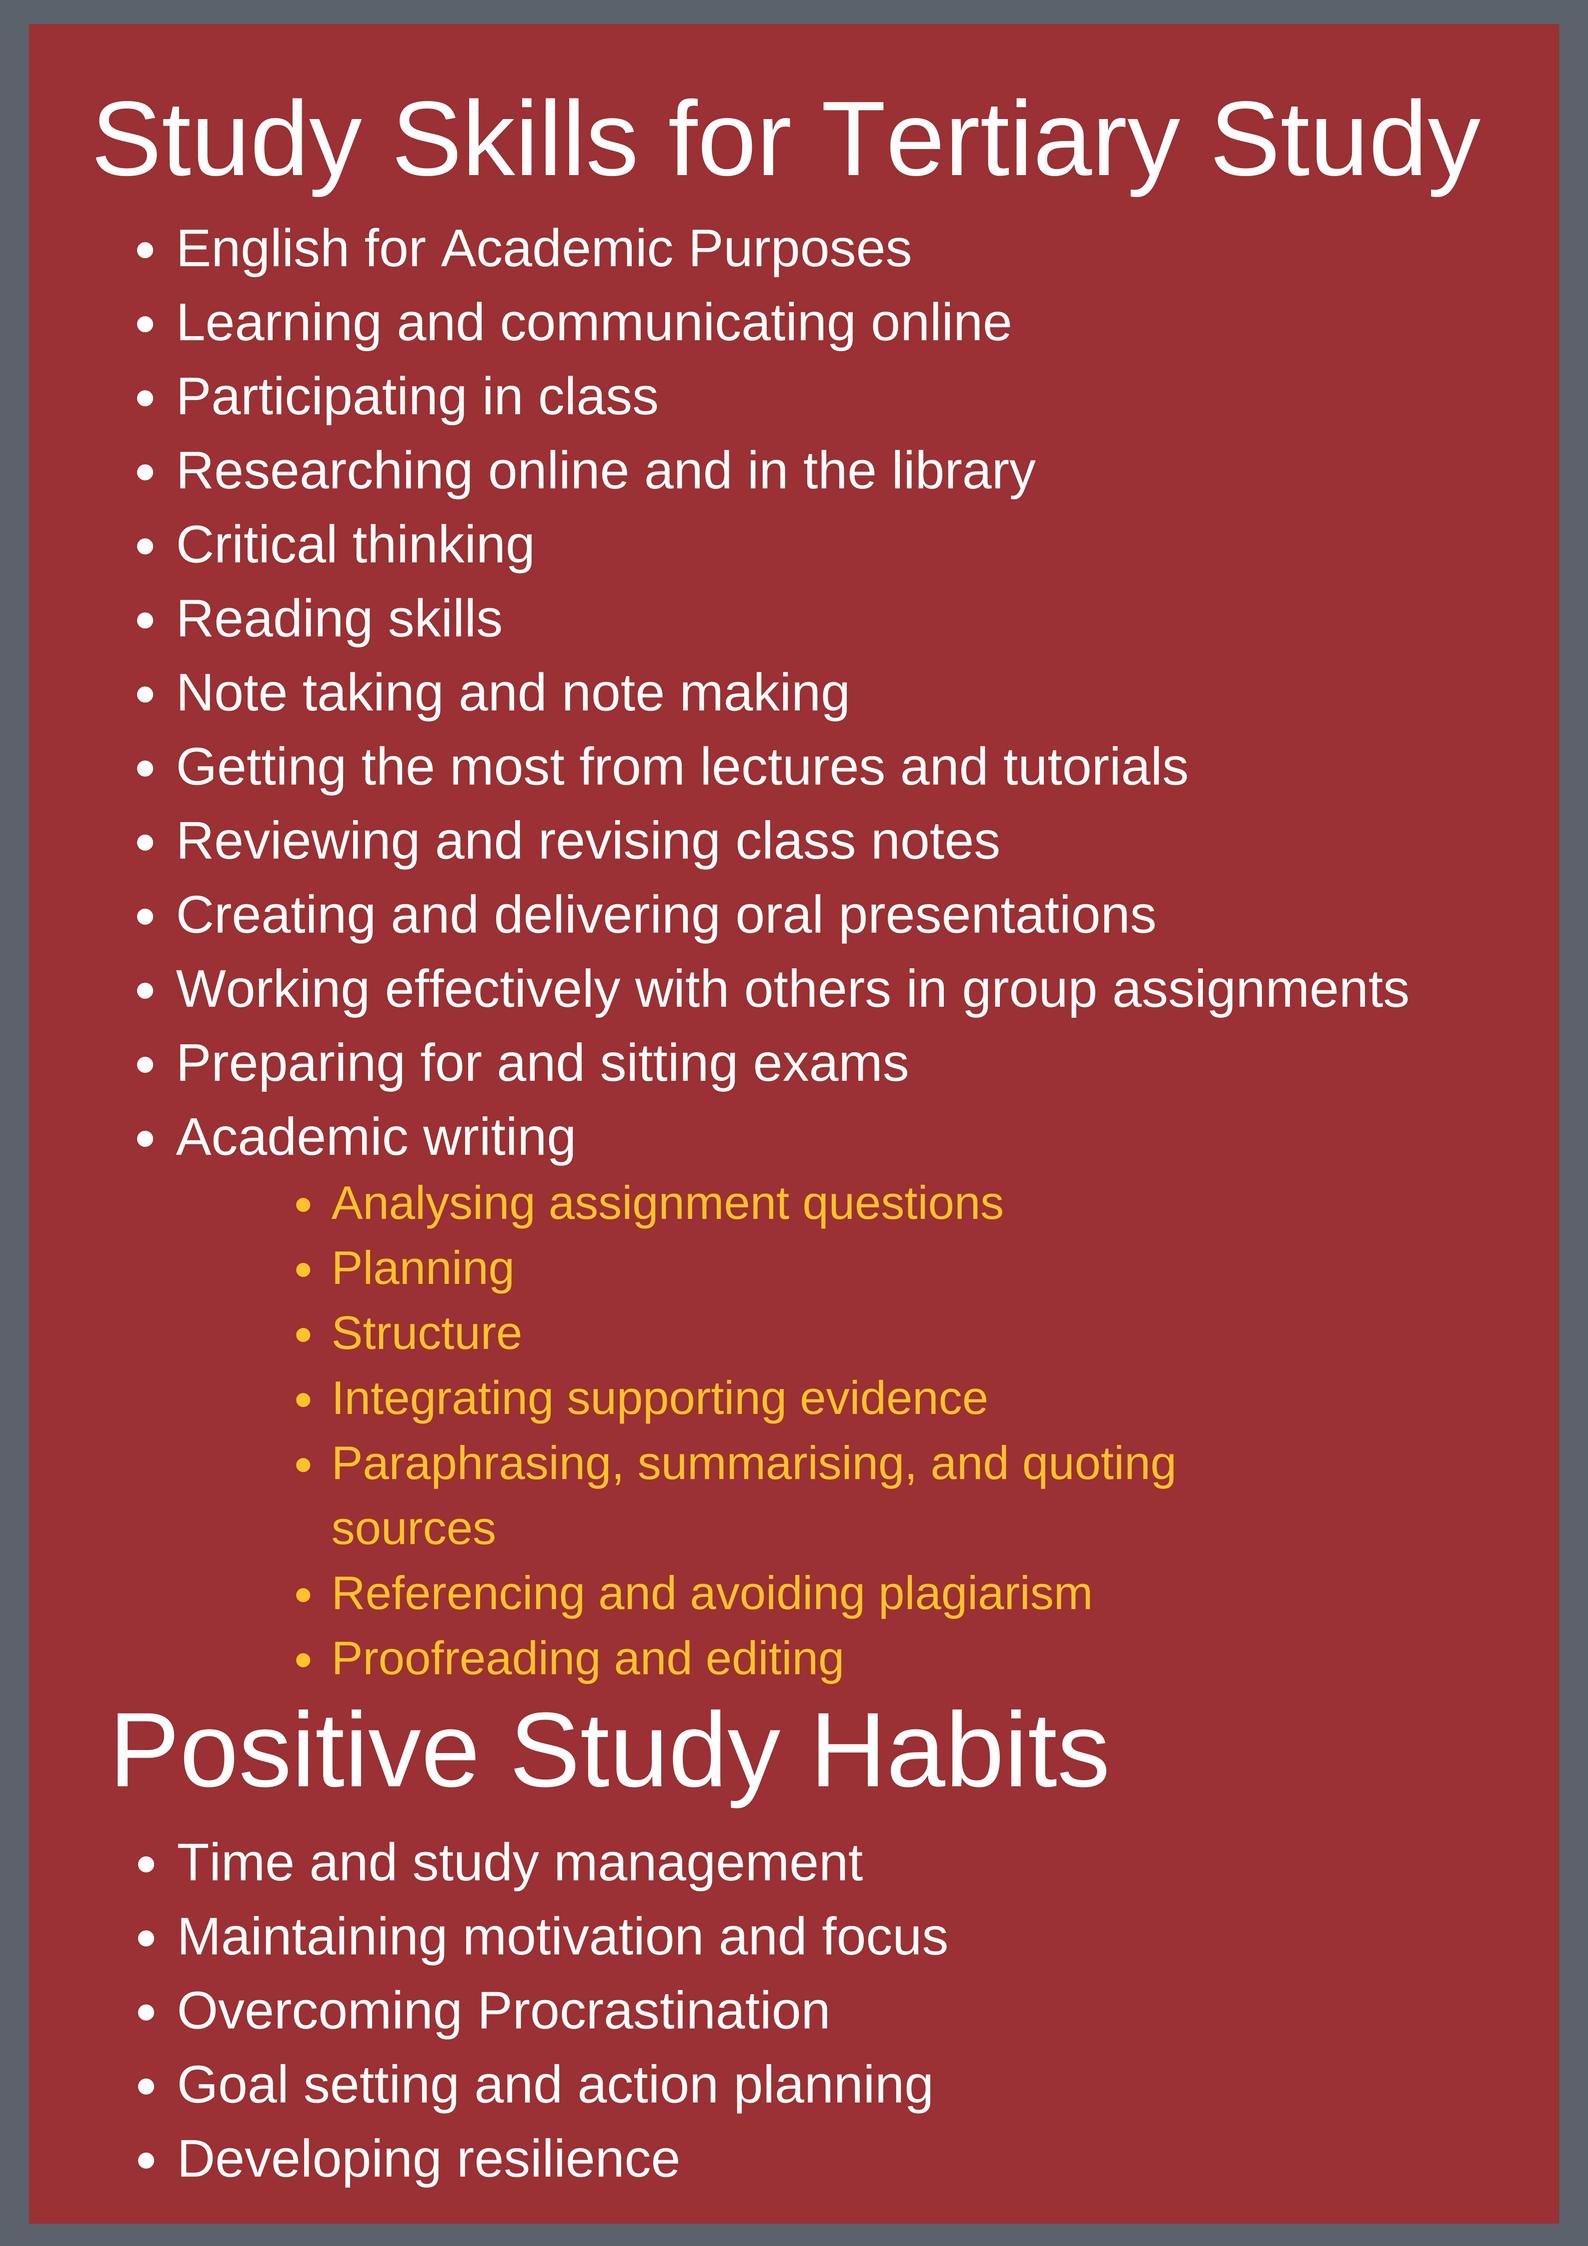 Study Skills for Tertiary Study (3).jpg